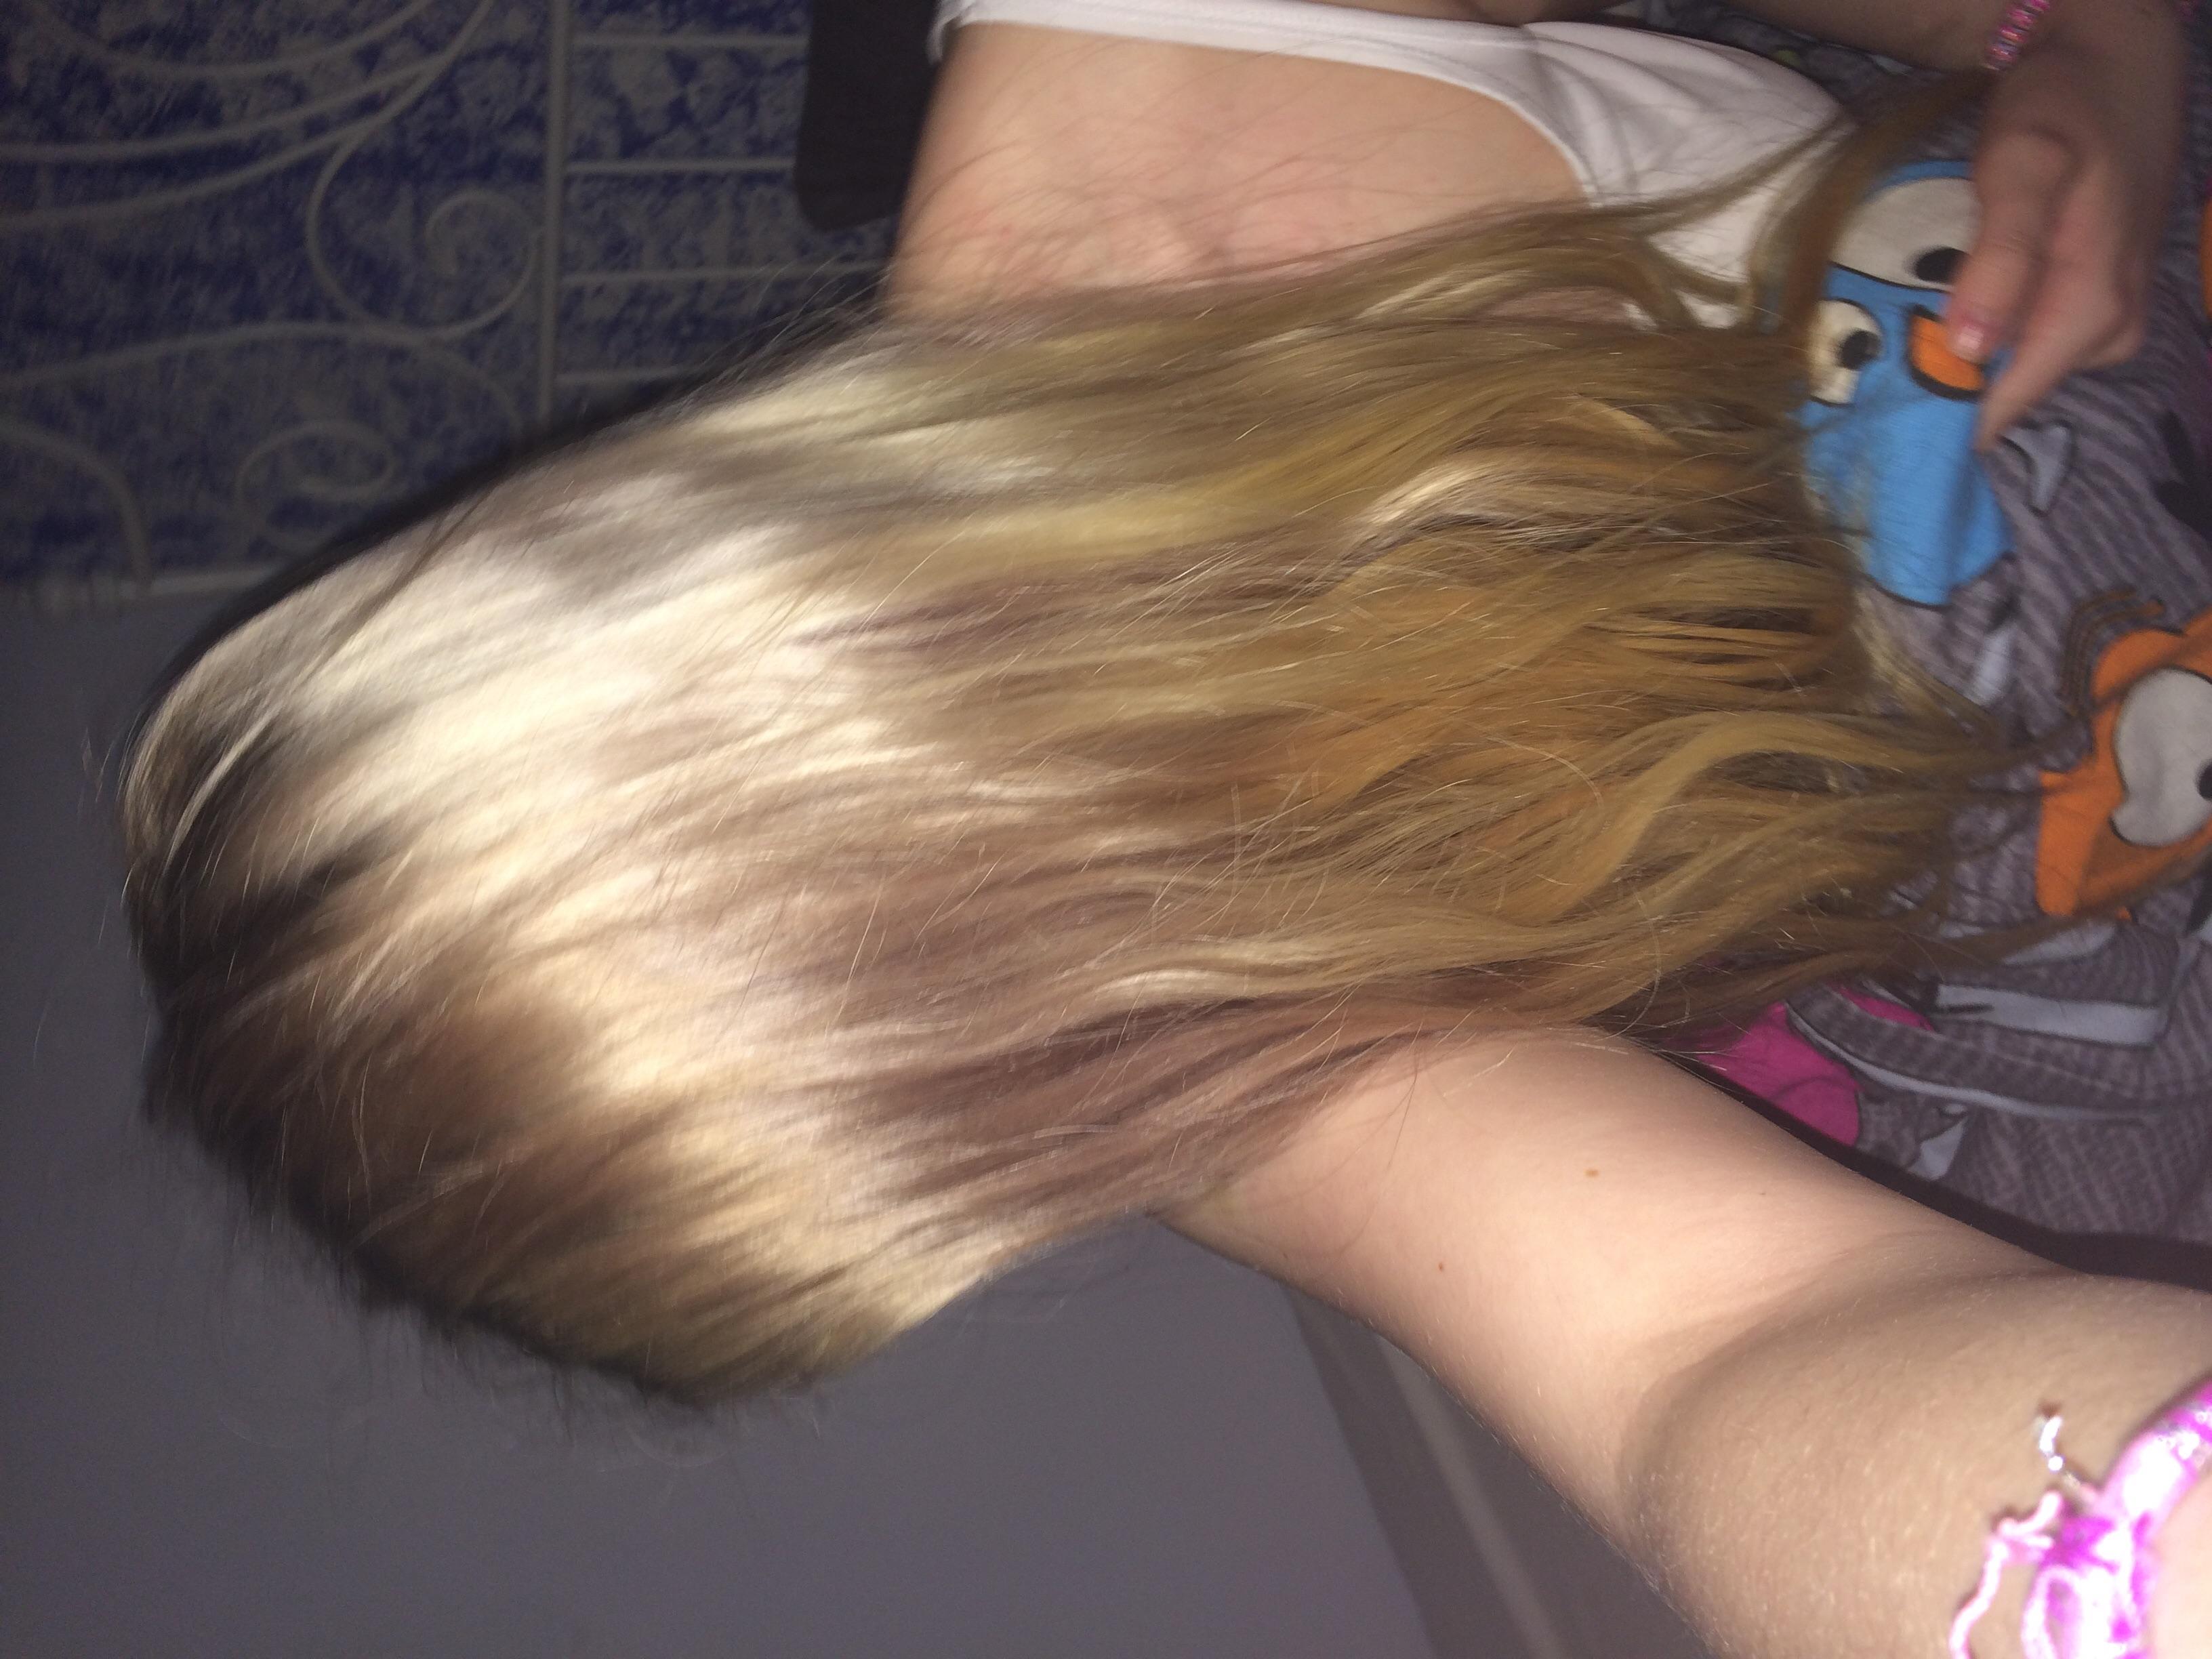 Haare Silber/grau färben oder Tönen? (Friseur, Haarfarbe